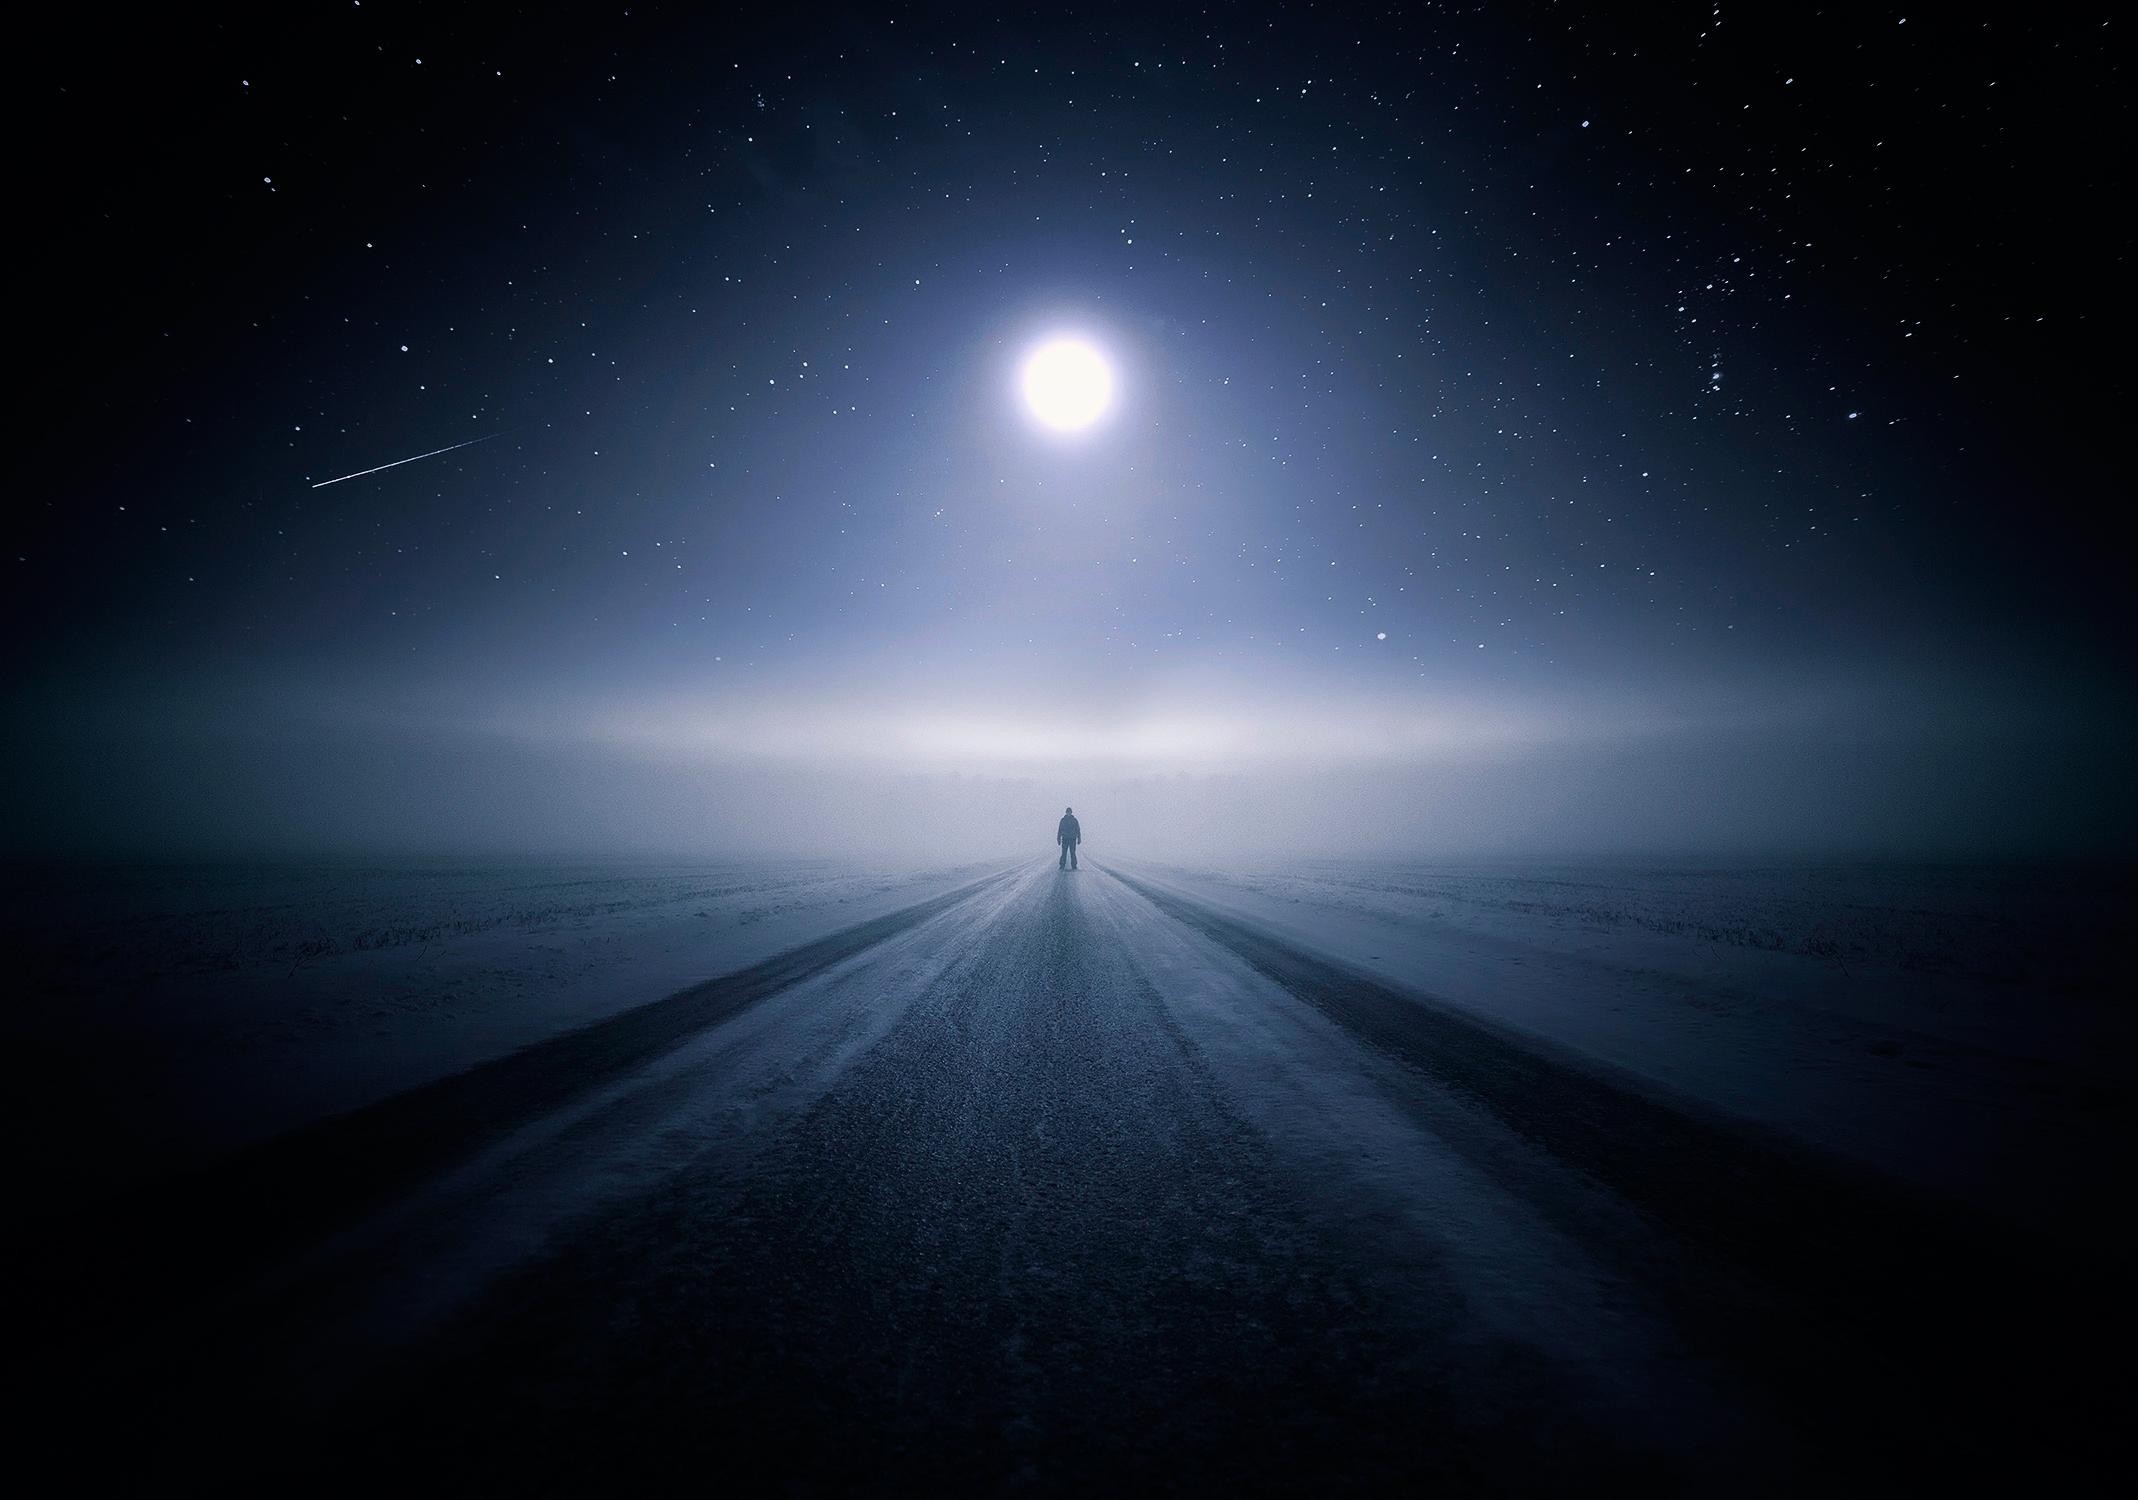 дорога в ночь картинки звезда снегоочистительной техники